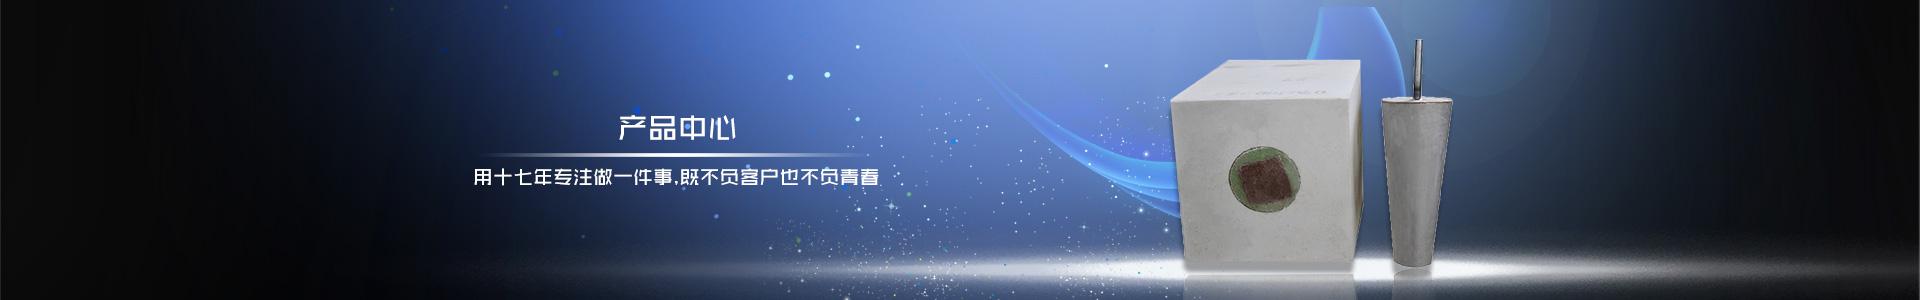 亚搏体育网站_亚搏体育手机_亚搏体育手机版